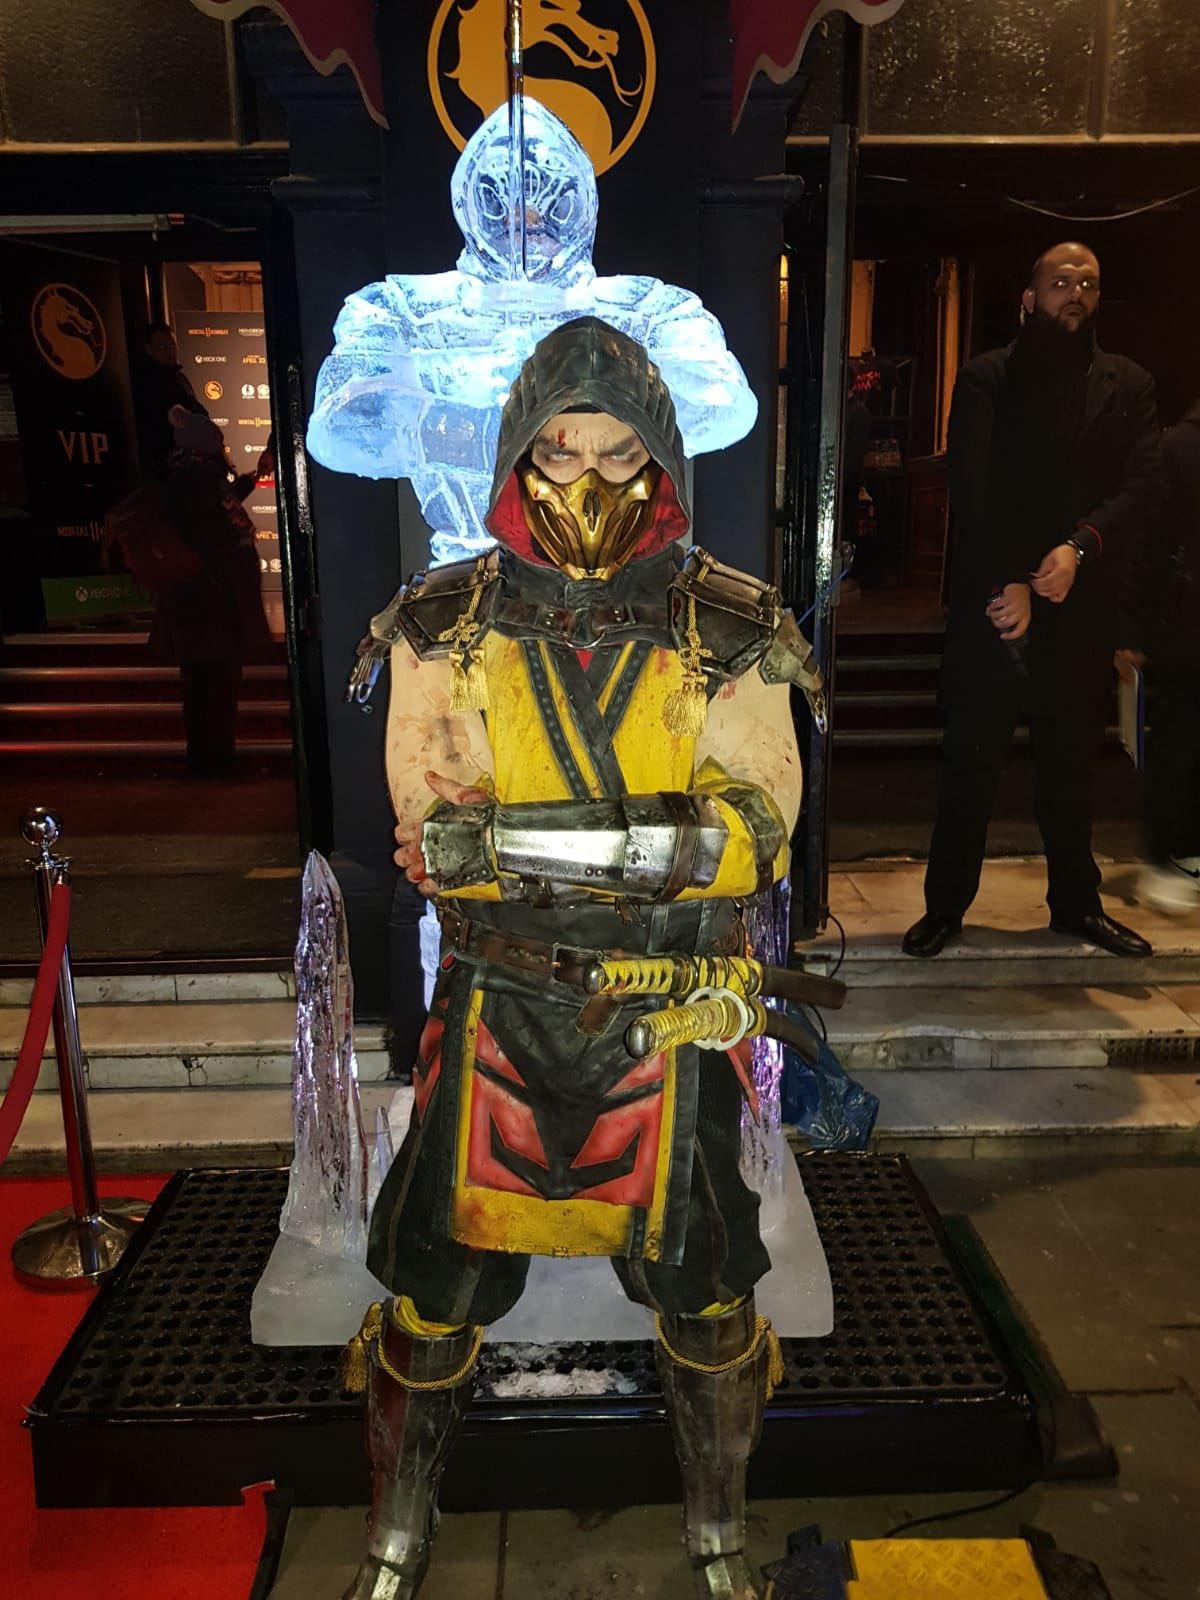 Mortal Kombat: 20 Things About Scorpion That Make No Sense